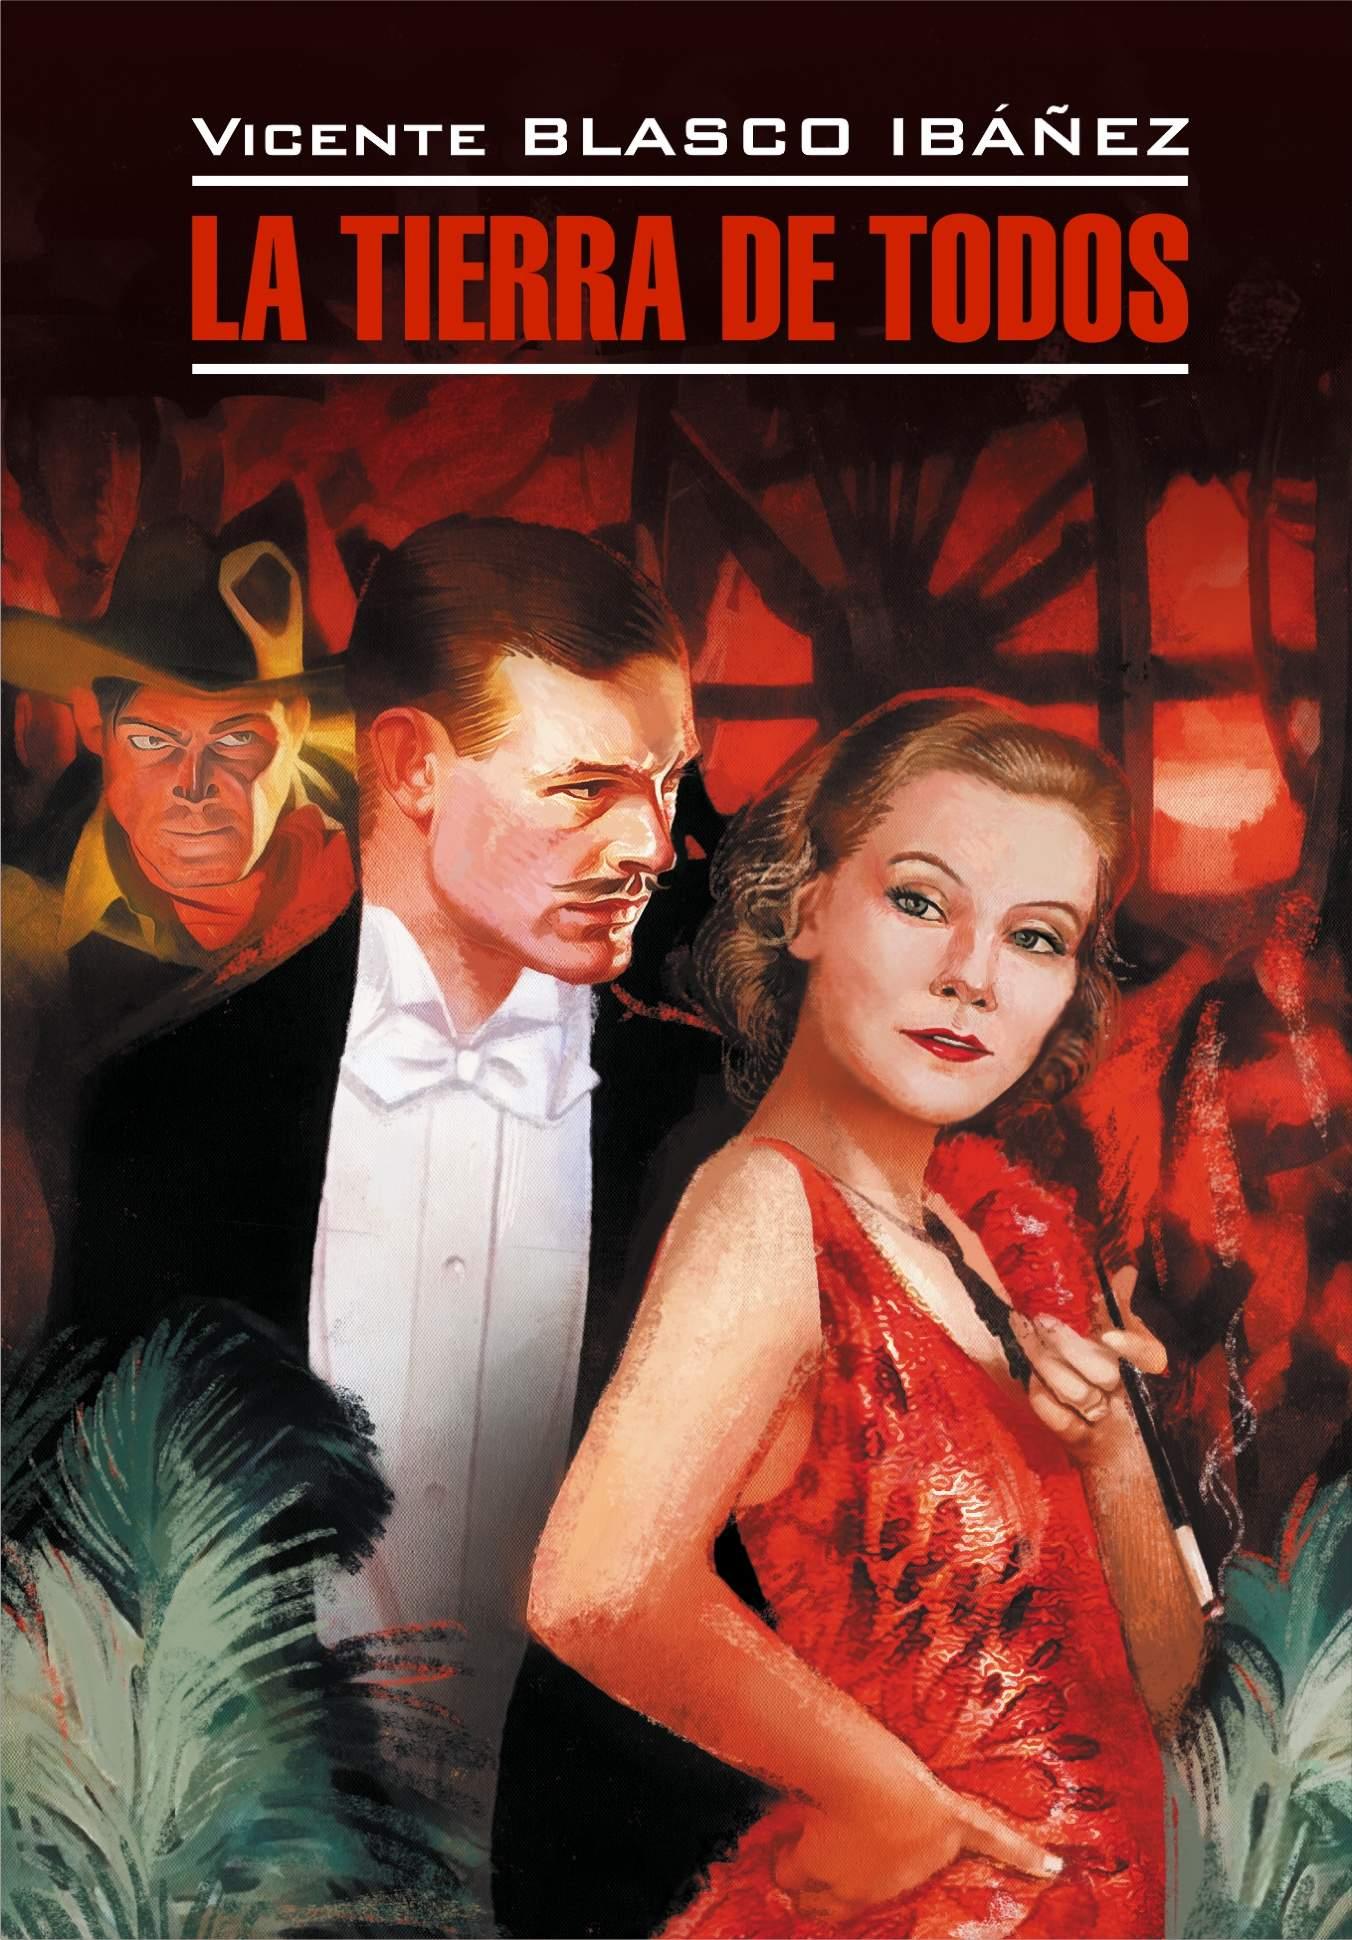 Висенте Бласко-Ибаньес La terra de todos / Соблазнительница. Книга для чтения на испанском языке prieto r g la katana de toledo nivel 2 учебник на испанском языке cd